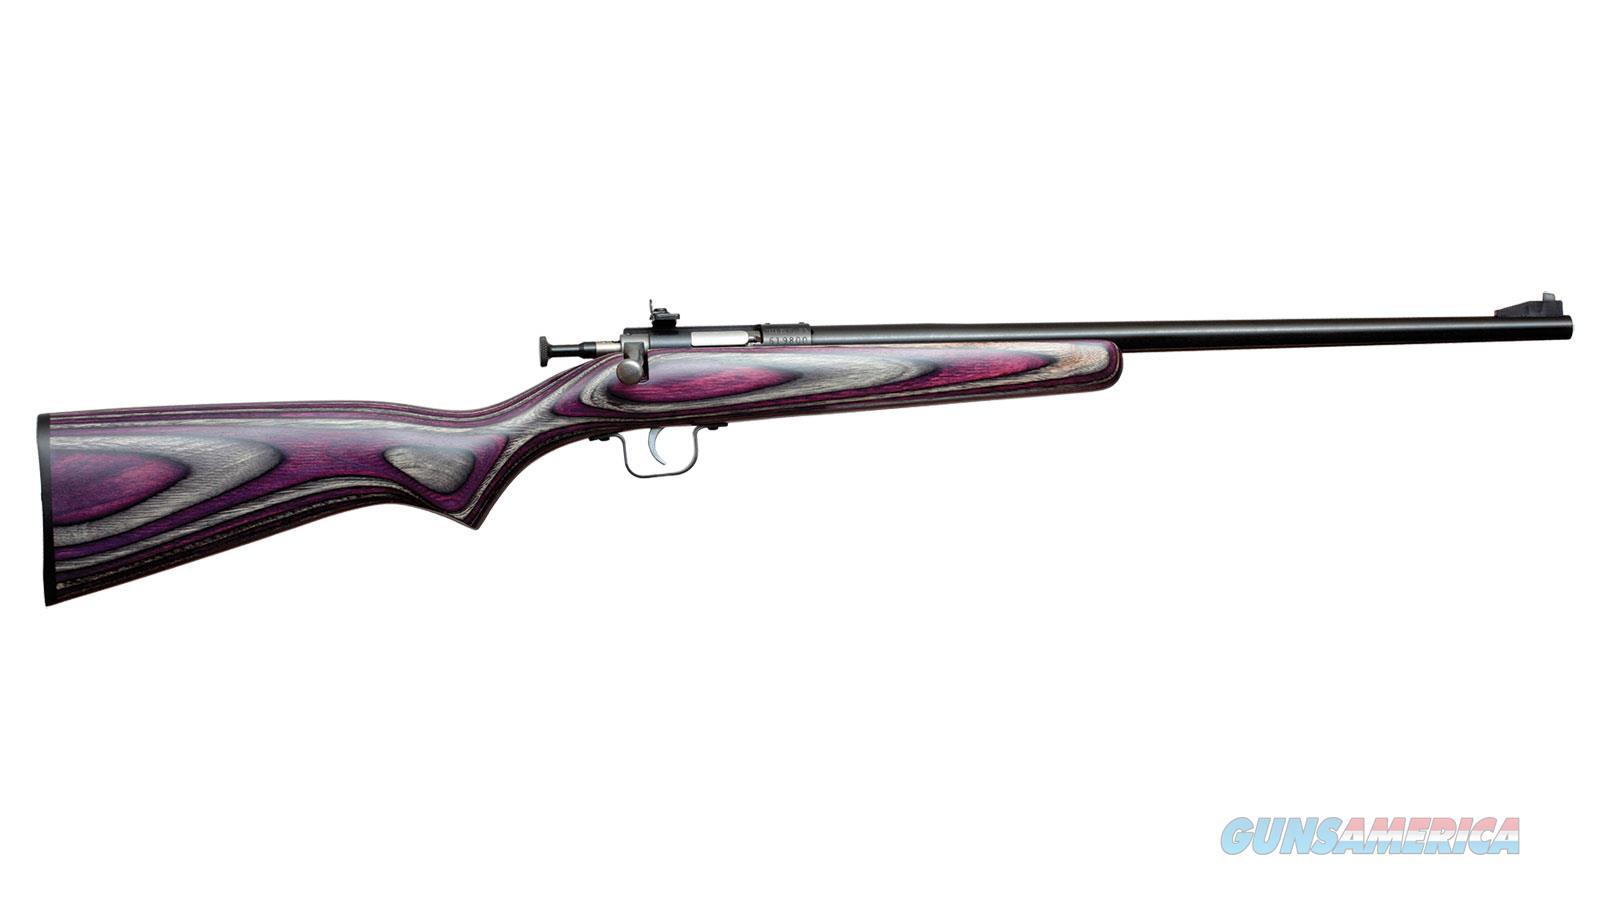 Keystone Sporting Arms Crkt Purple 22S/L/Lr KSA2227  Guns > Rifles > K Misc Rifles